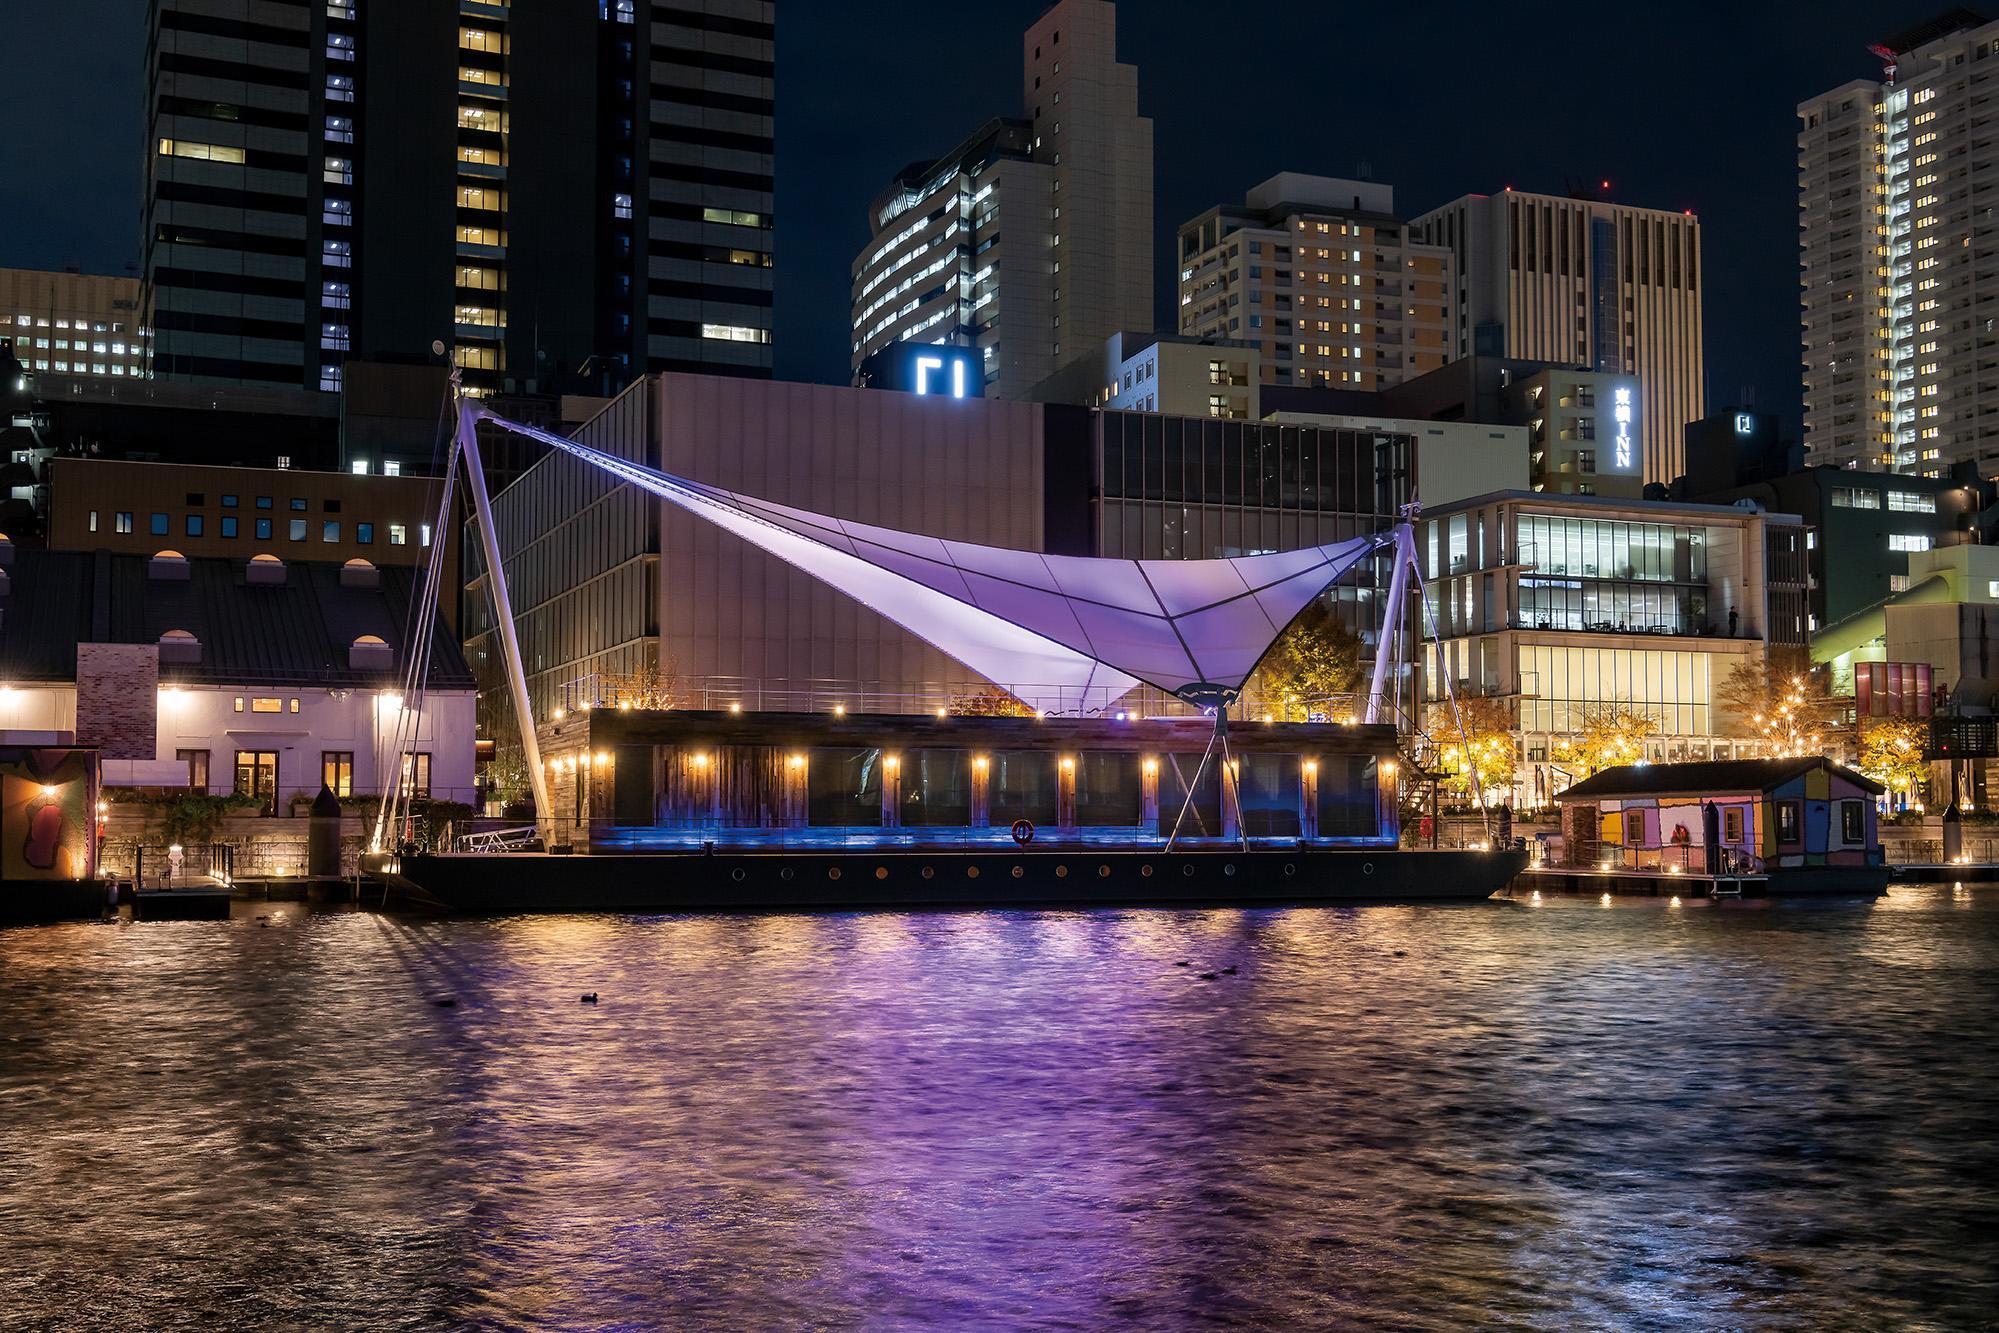 東京・天王洲運河エリアのライトアップ